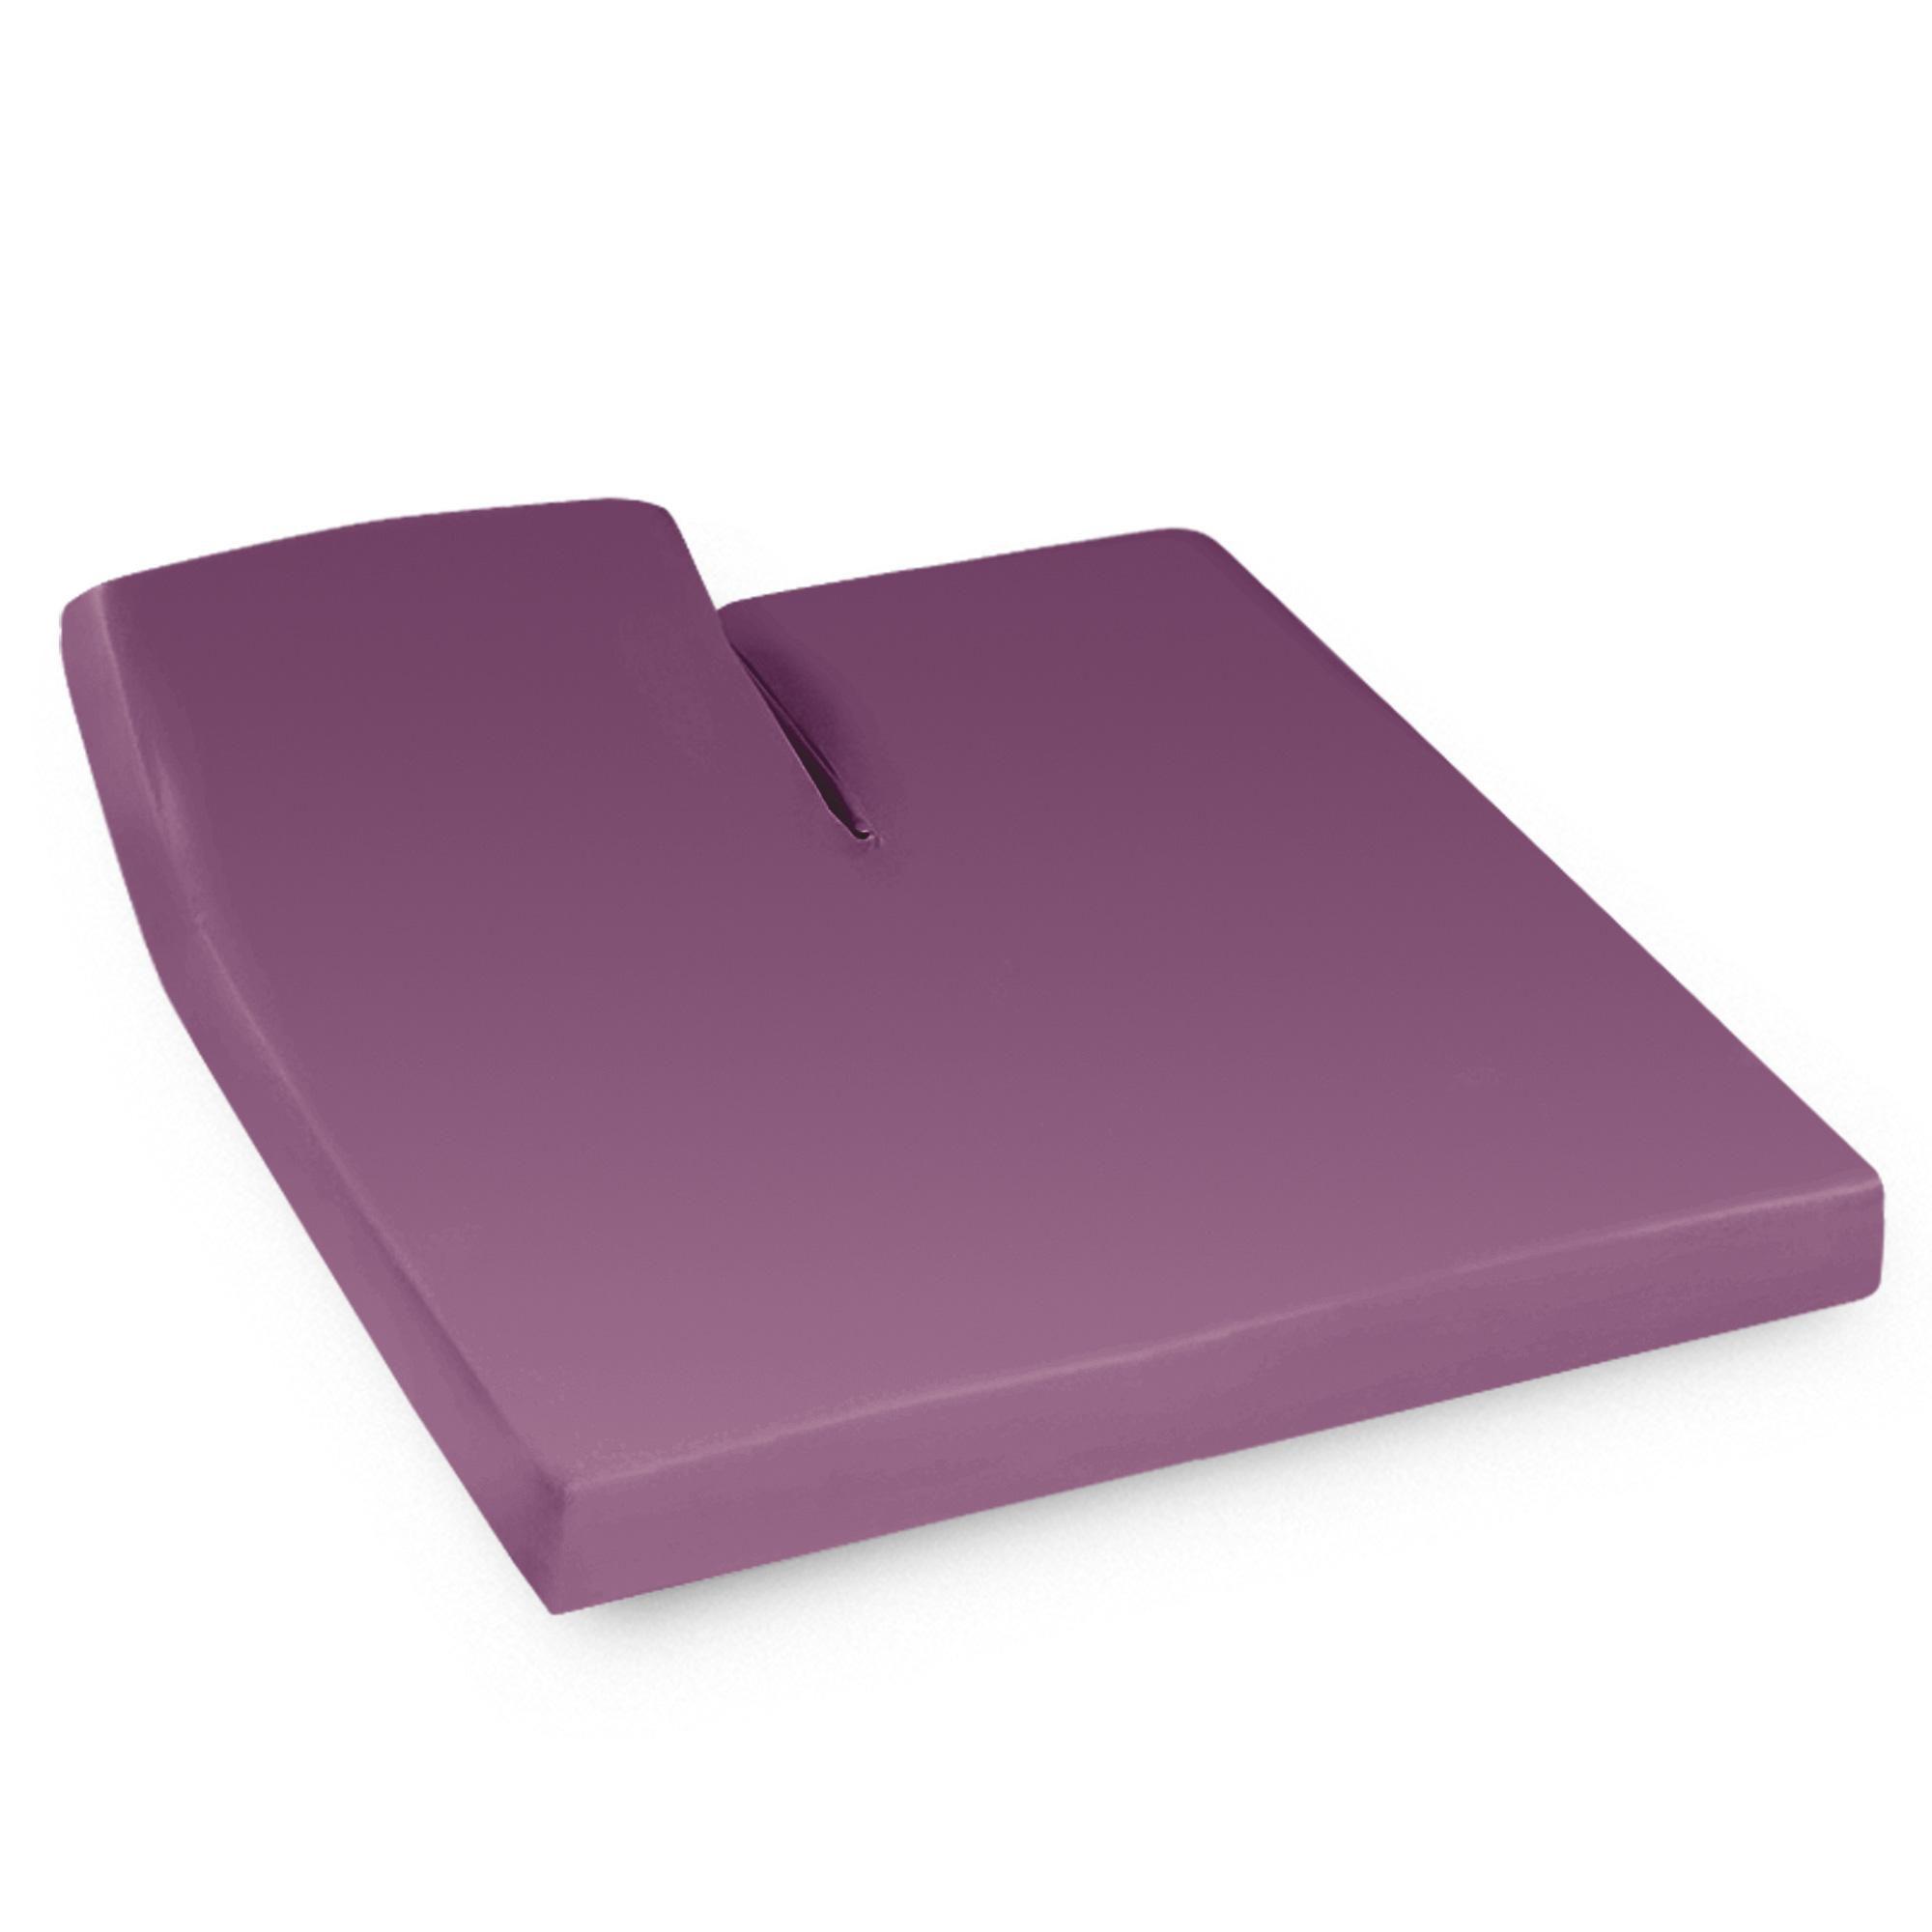 drap housse 2x80x200 violet t te relevable seul achat. Black Bedroom Furniture Sets. Home Design Ideas